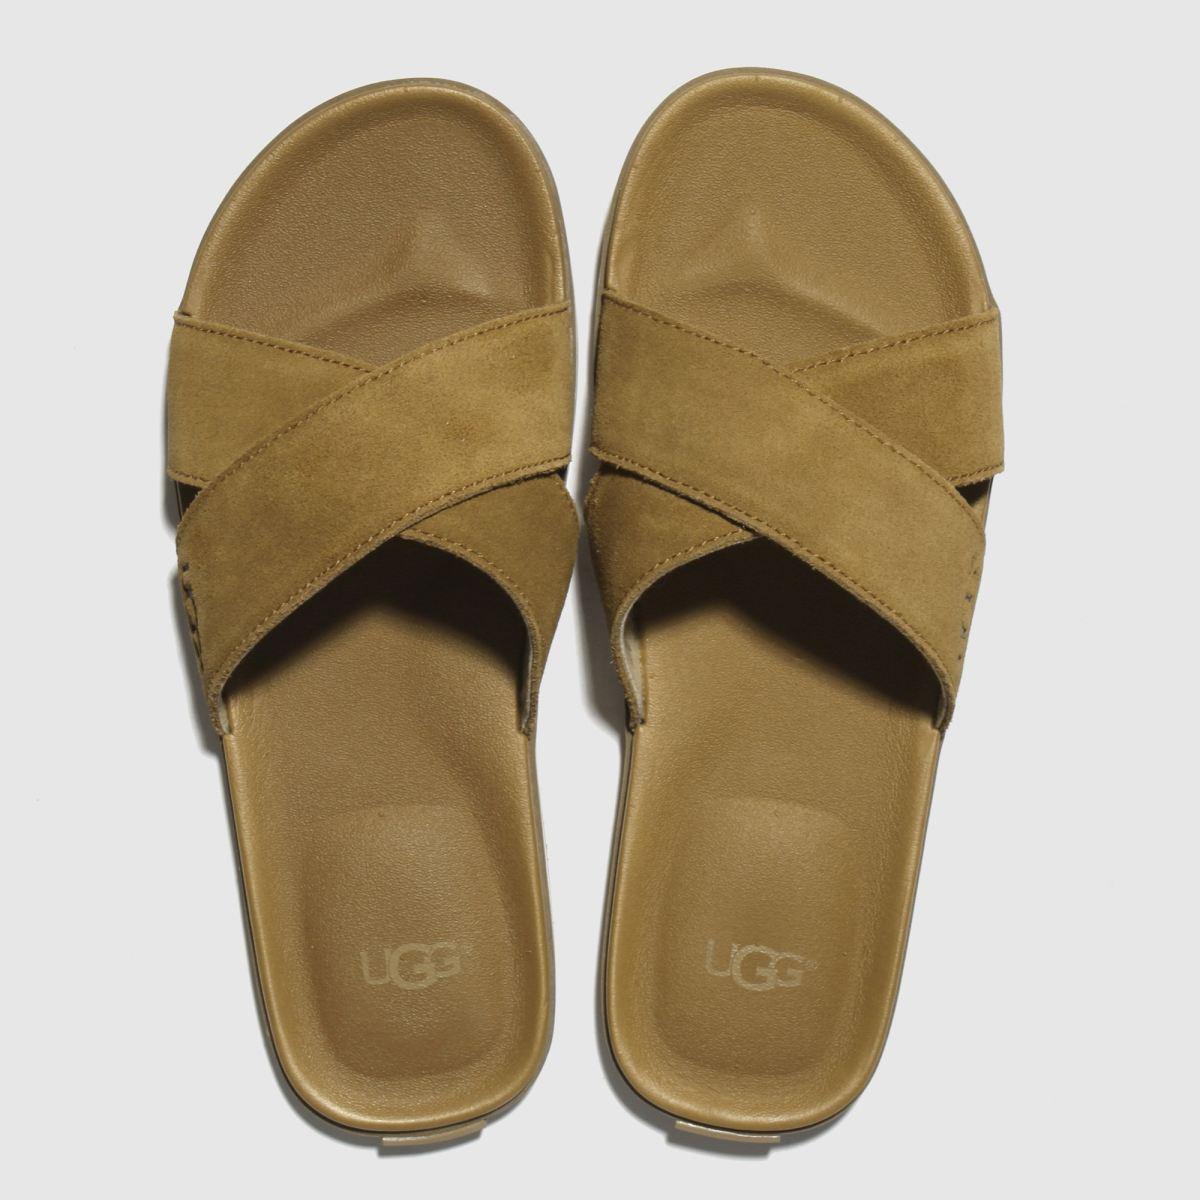 Ugg Tan Beach Slide Sandals